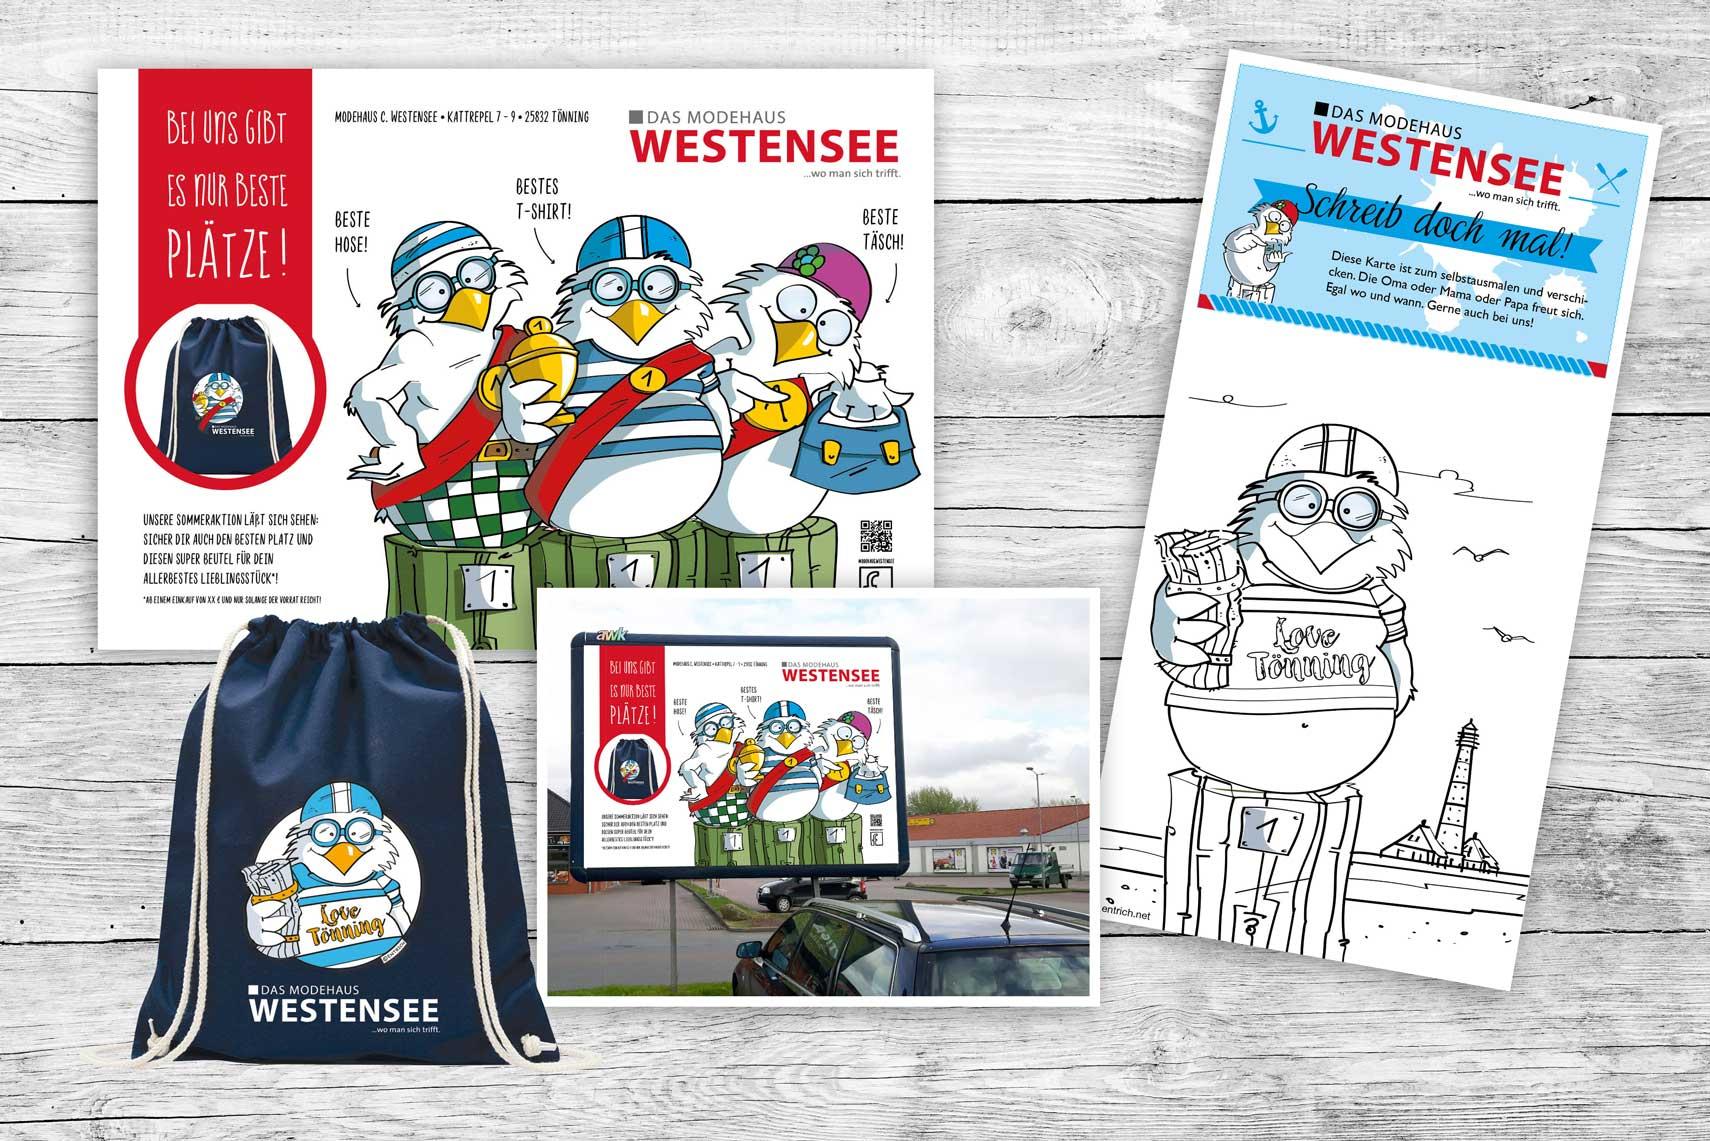 Großes Paket für das Modehaus Westensee in Tönning: Eine große Plakatwand, bedruckte Beutel und Flyer unterstützen die Aktion